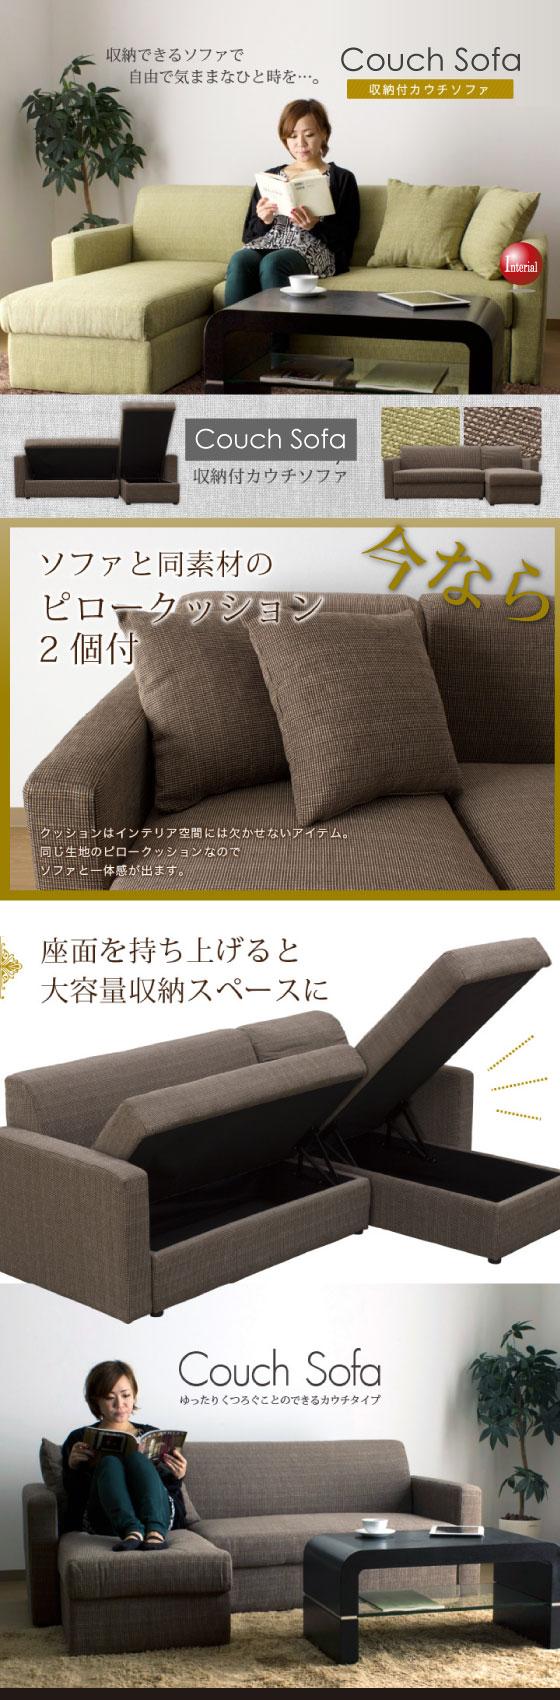 幅182cm・布ファブリック製・カウチソファー(収納付き・完成品)ブラウン